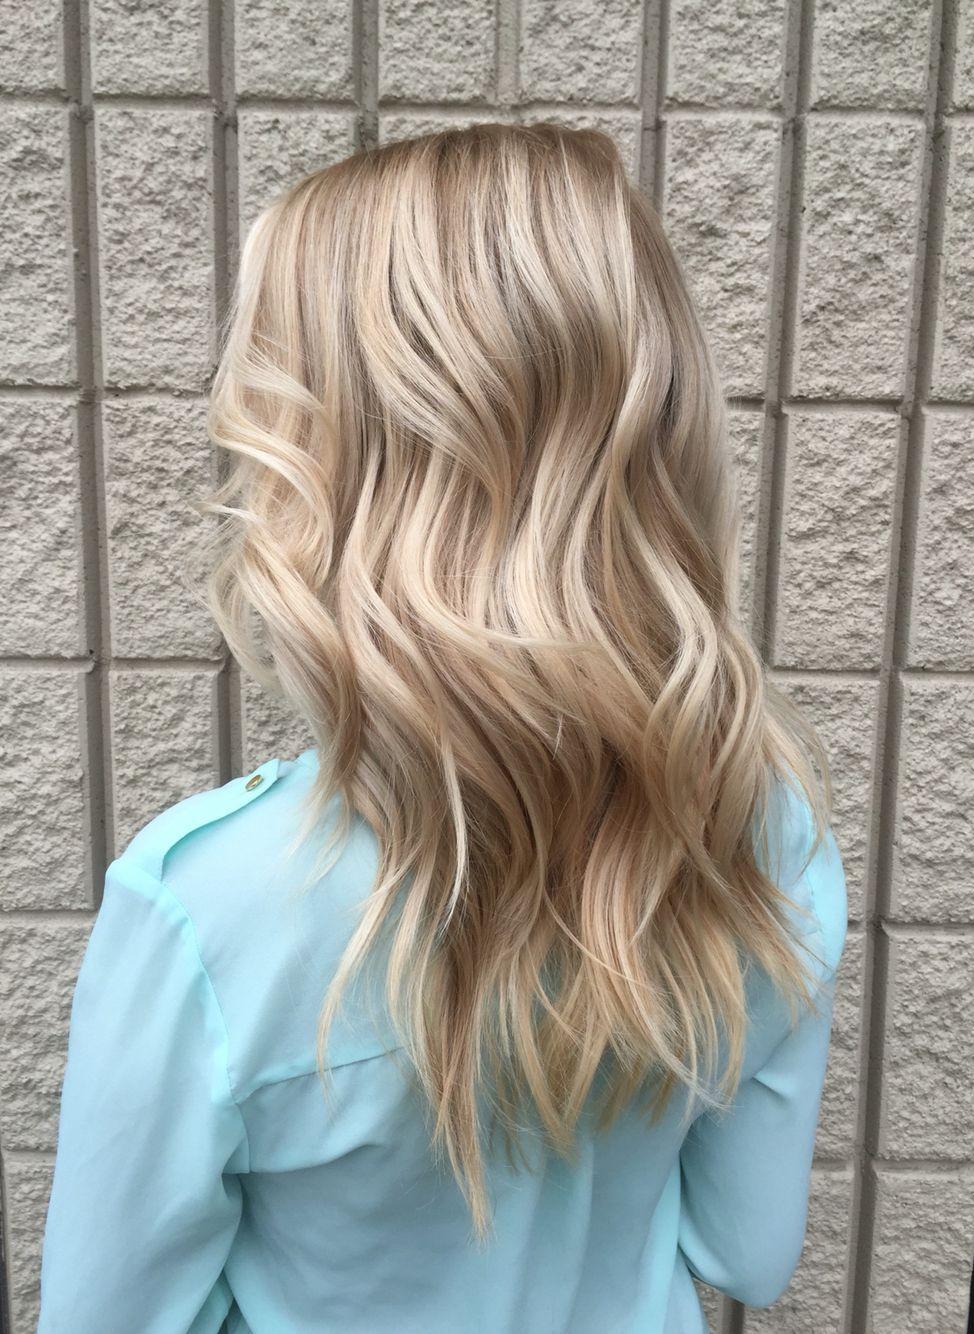 Dimensional platinum blonde for fall hair nails u makeup